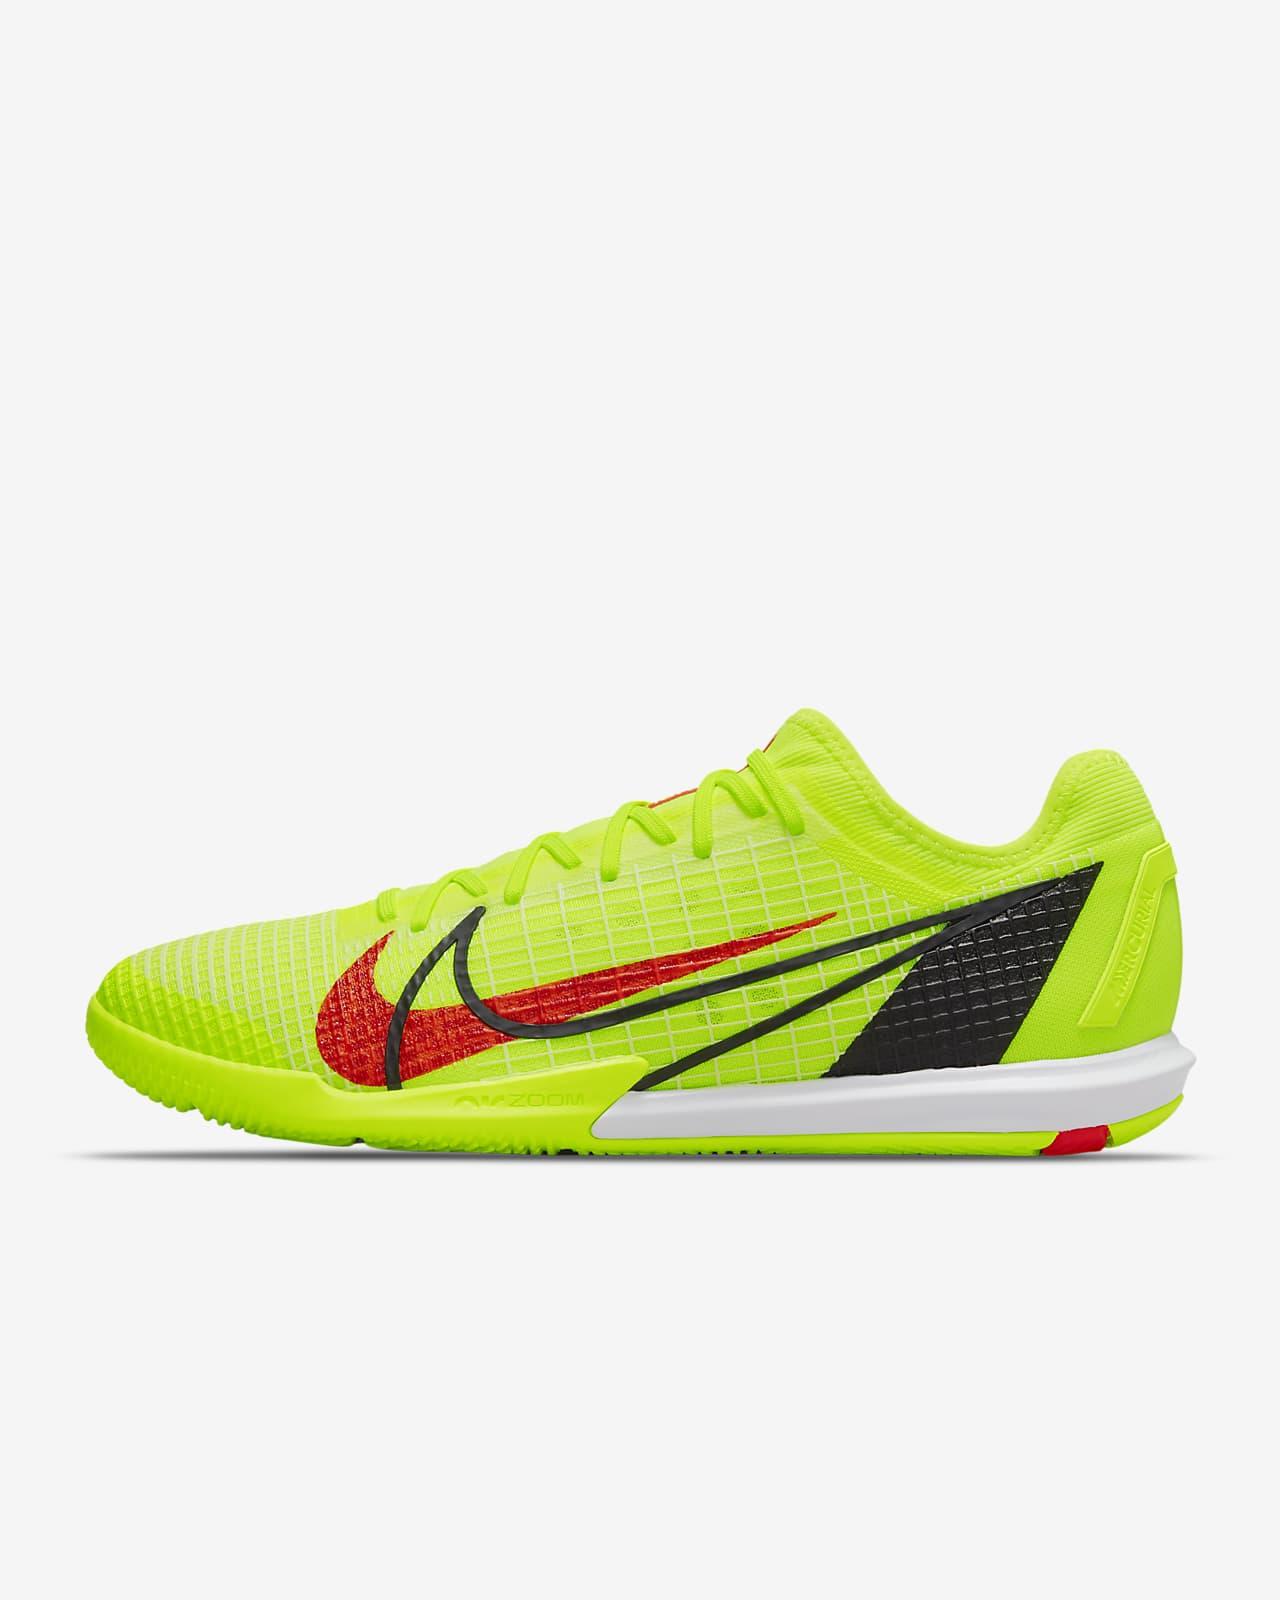 Nike Mercurial Vapor 14 Pro IC fotballsko til innendørsbane/gate